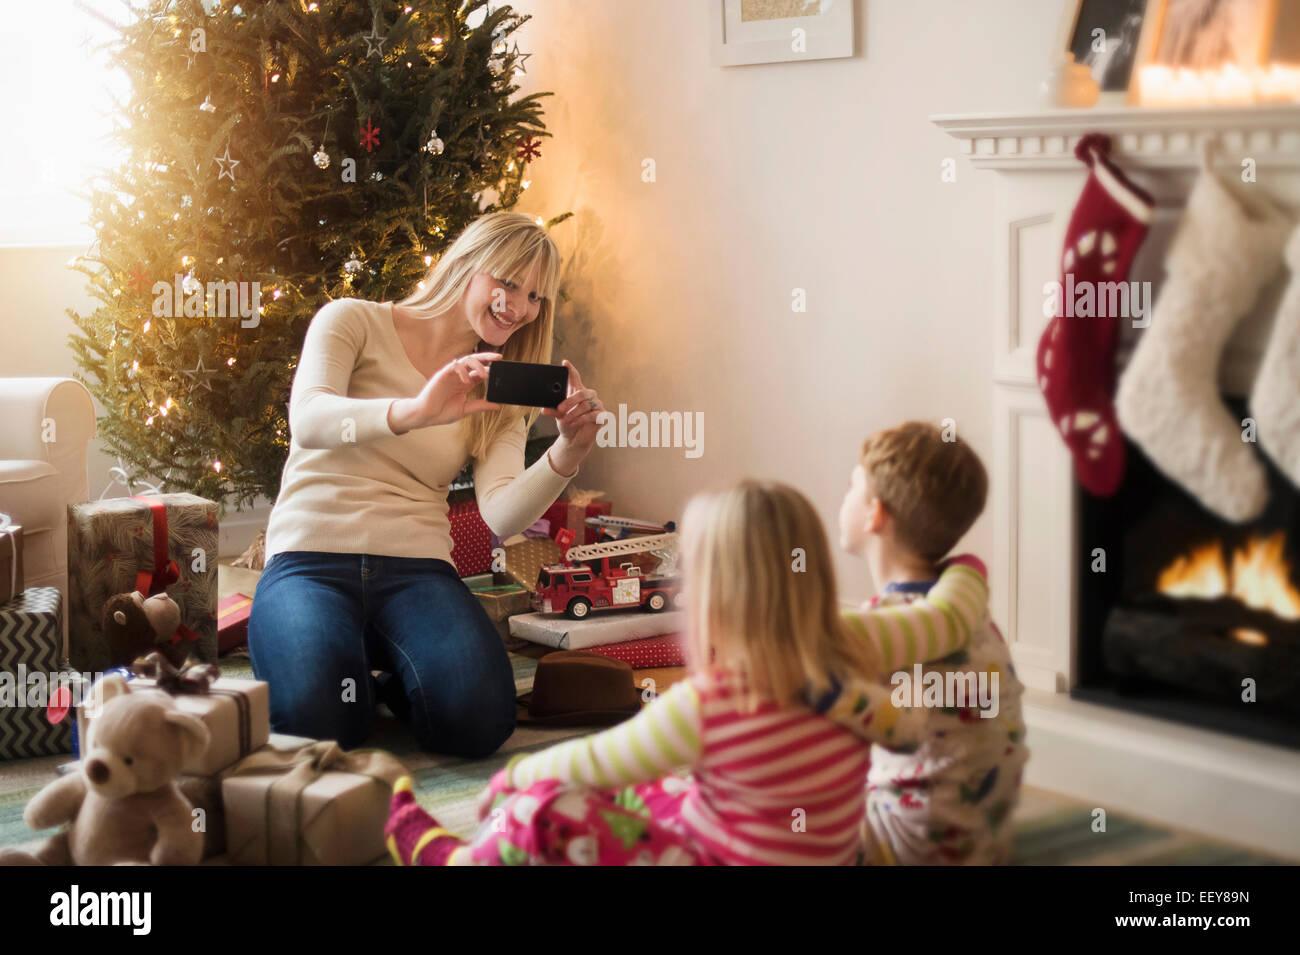 Madre con hijos (4-5, 6-7) abriendo regalos de navidad y tomar fotos Imagen De Stock